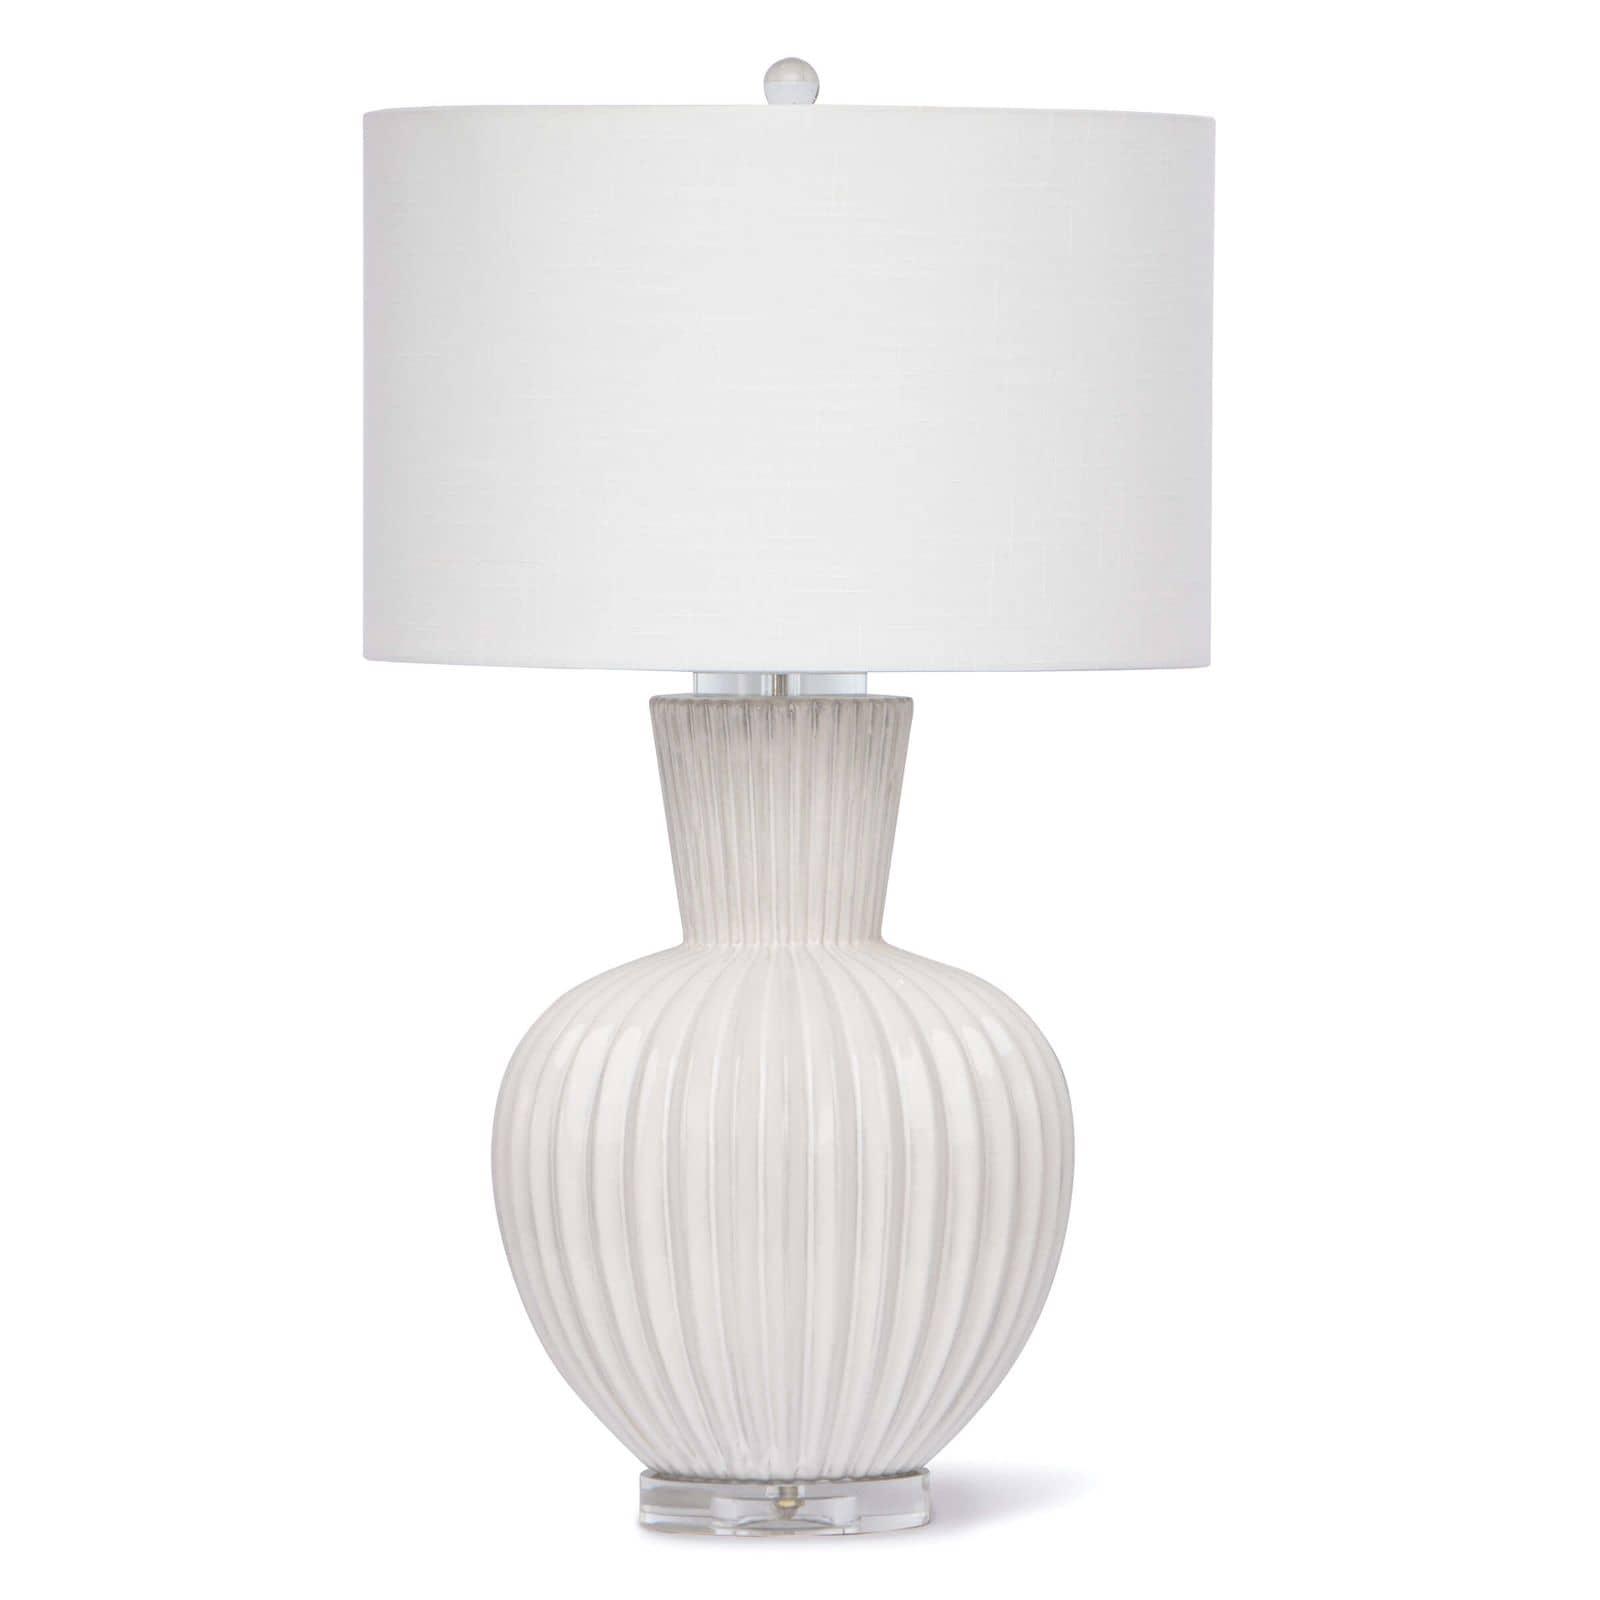 Madrid Ceramic Table Lamp White | Regina Andrew